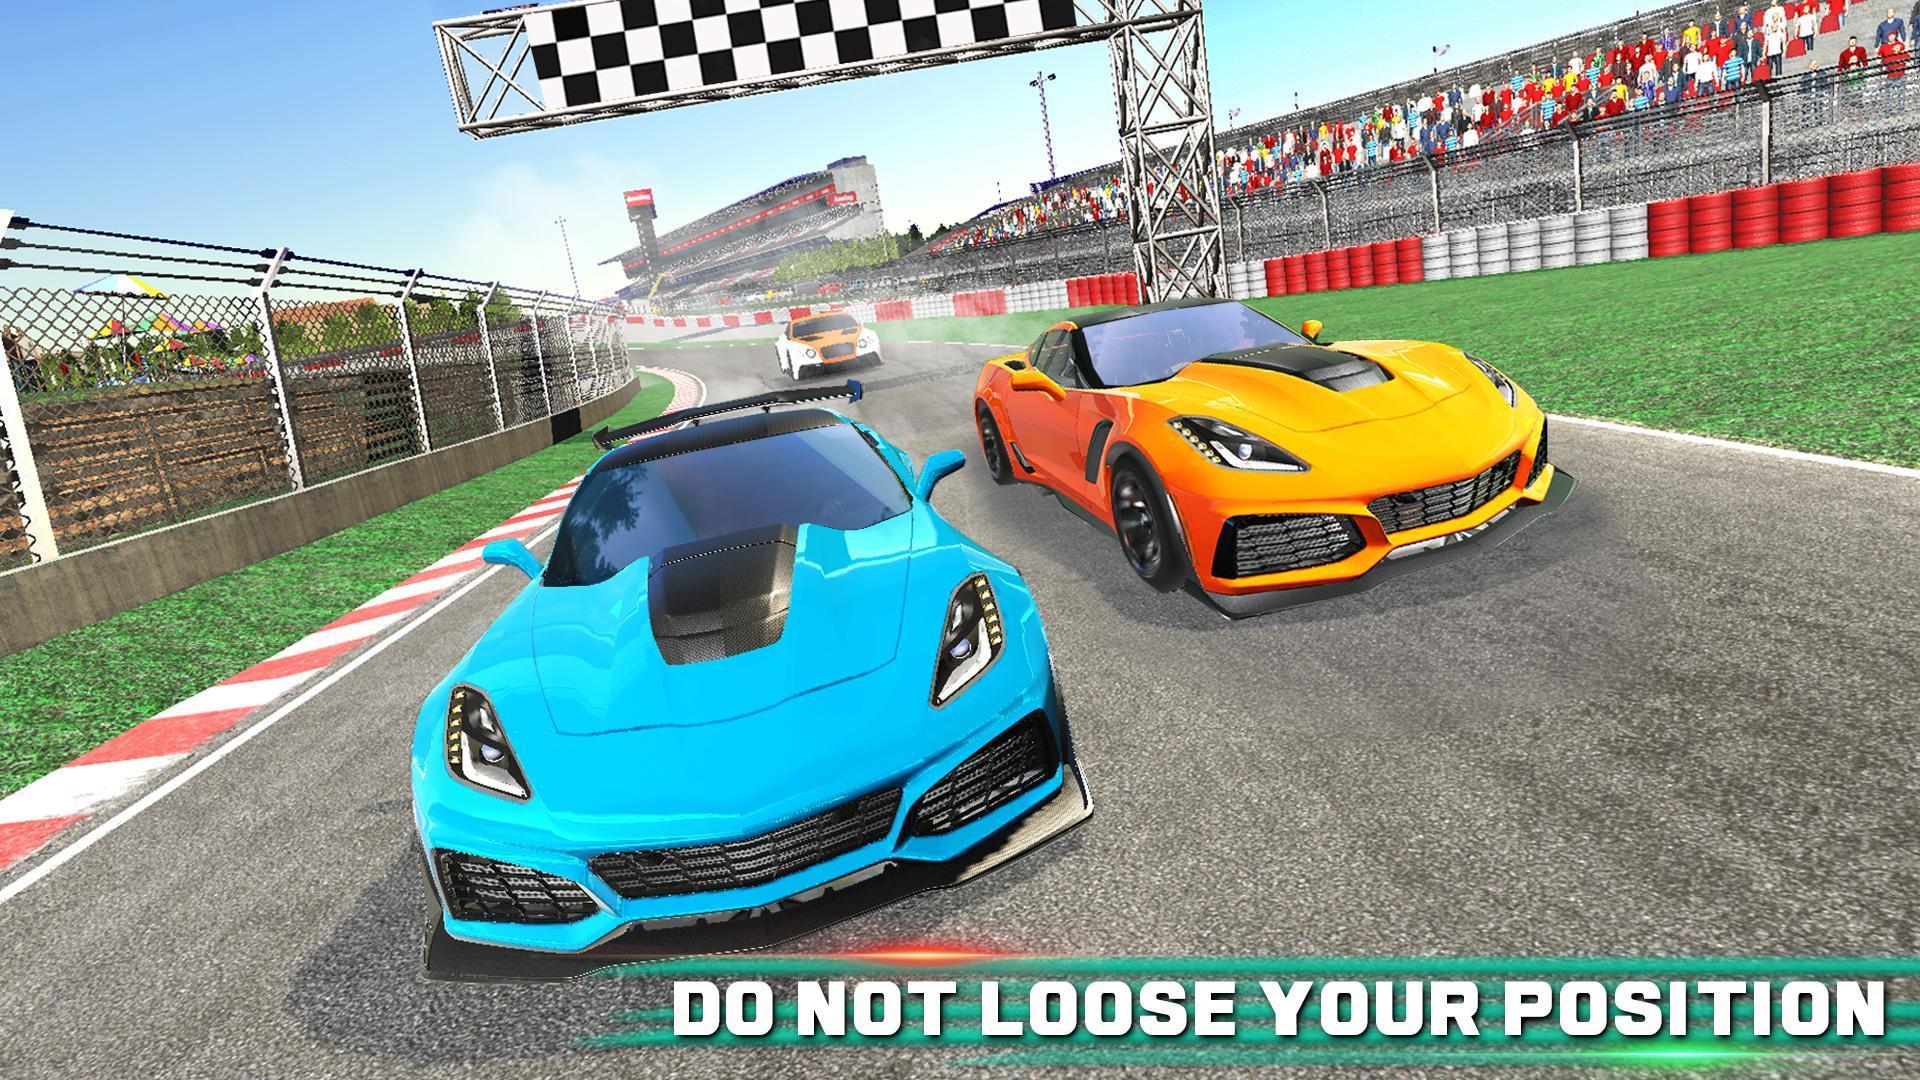 Jeux De Course Extreme 3D Voiture: Course De Voitu Pour dedans Un Jeu De Voiture De Course